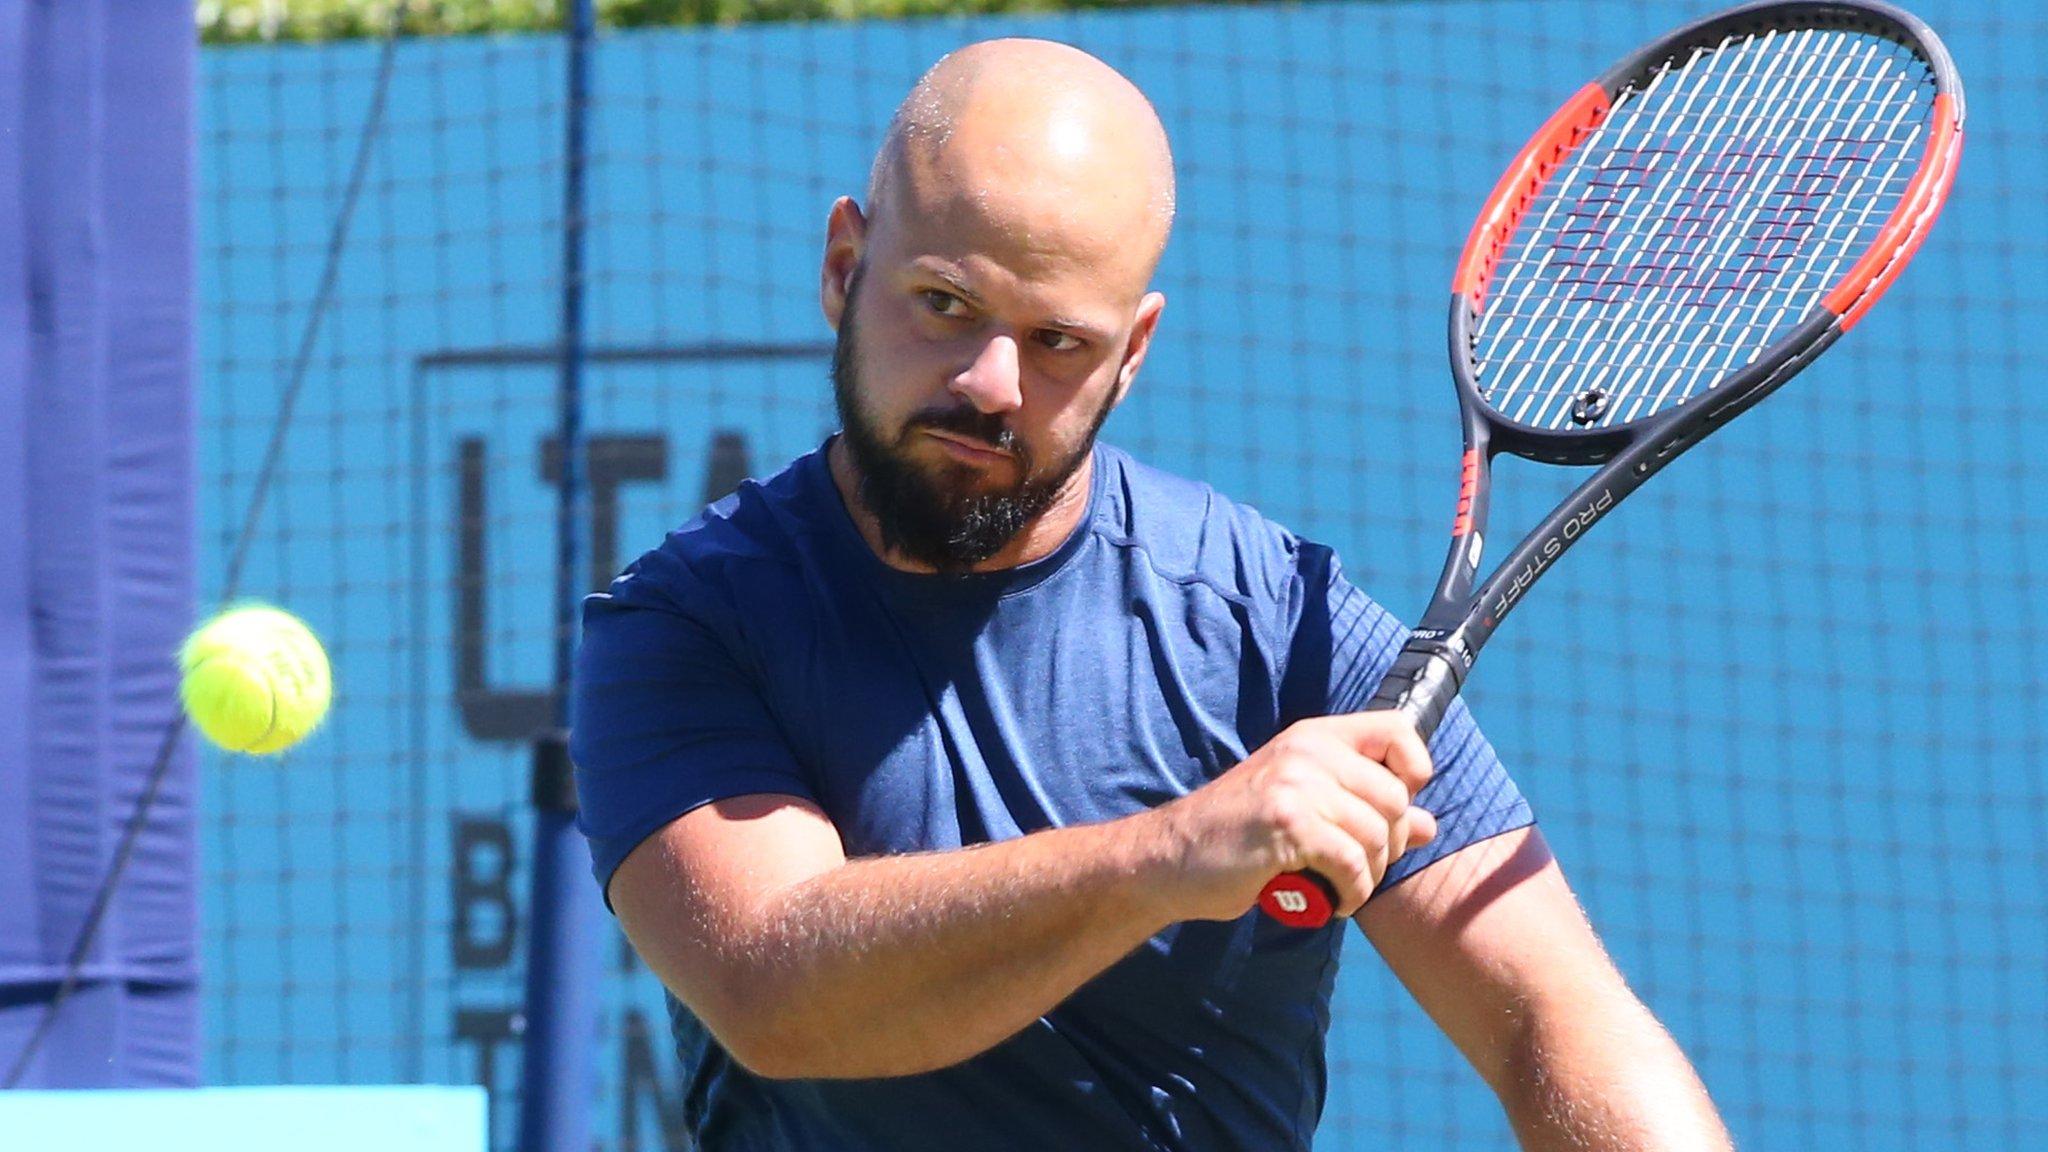 Olsson beats Houdet to win Queen's wheelchair singles